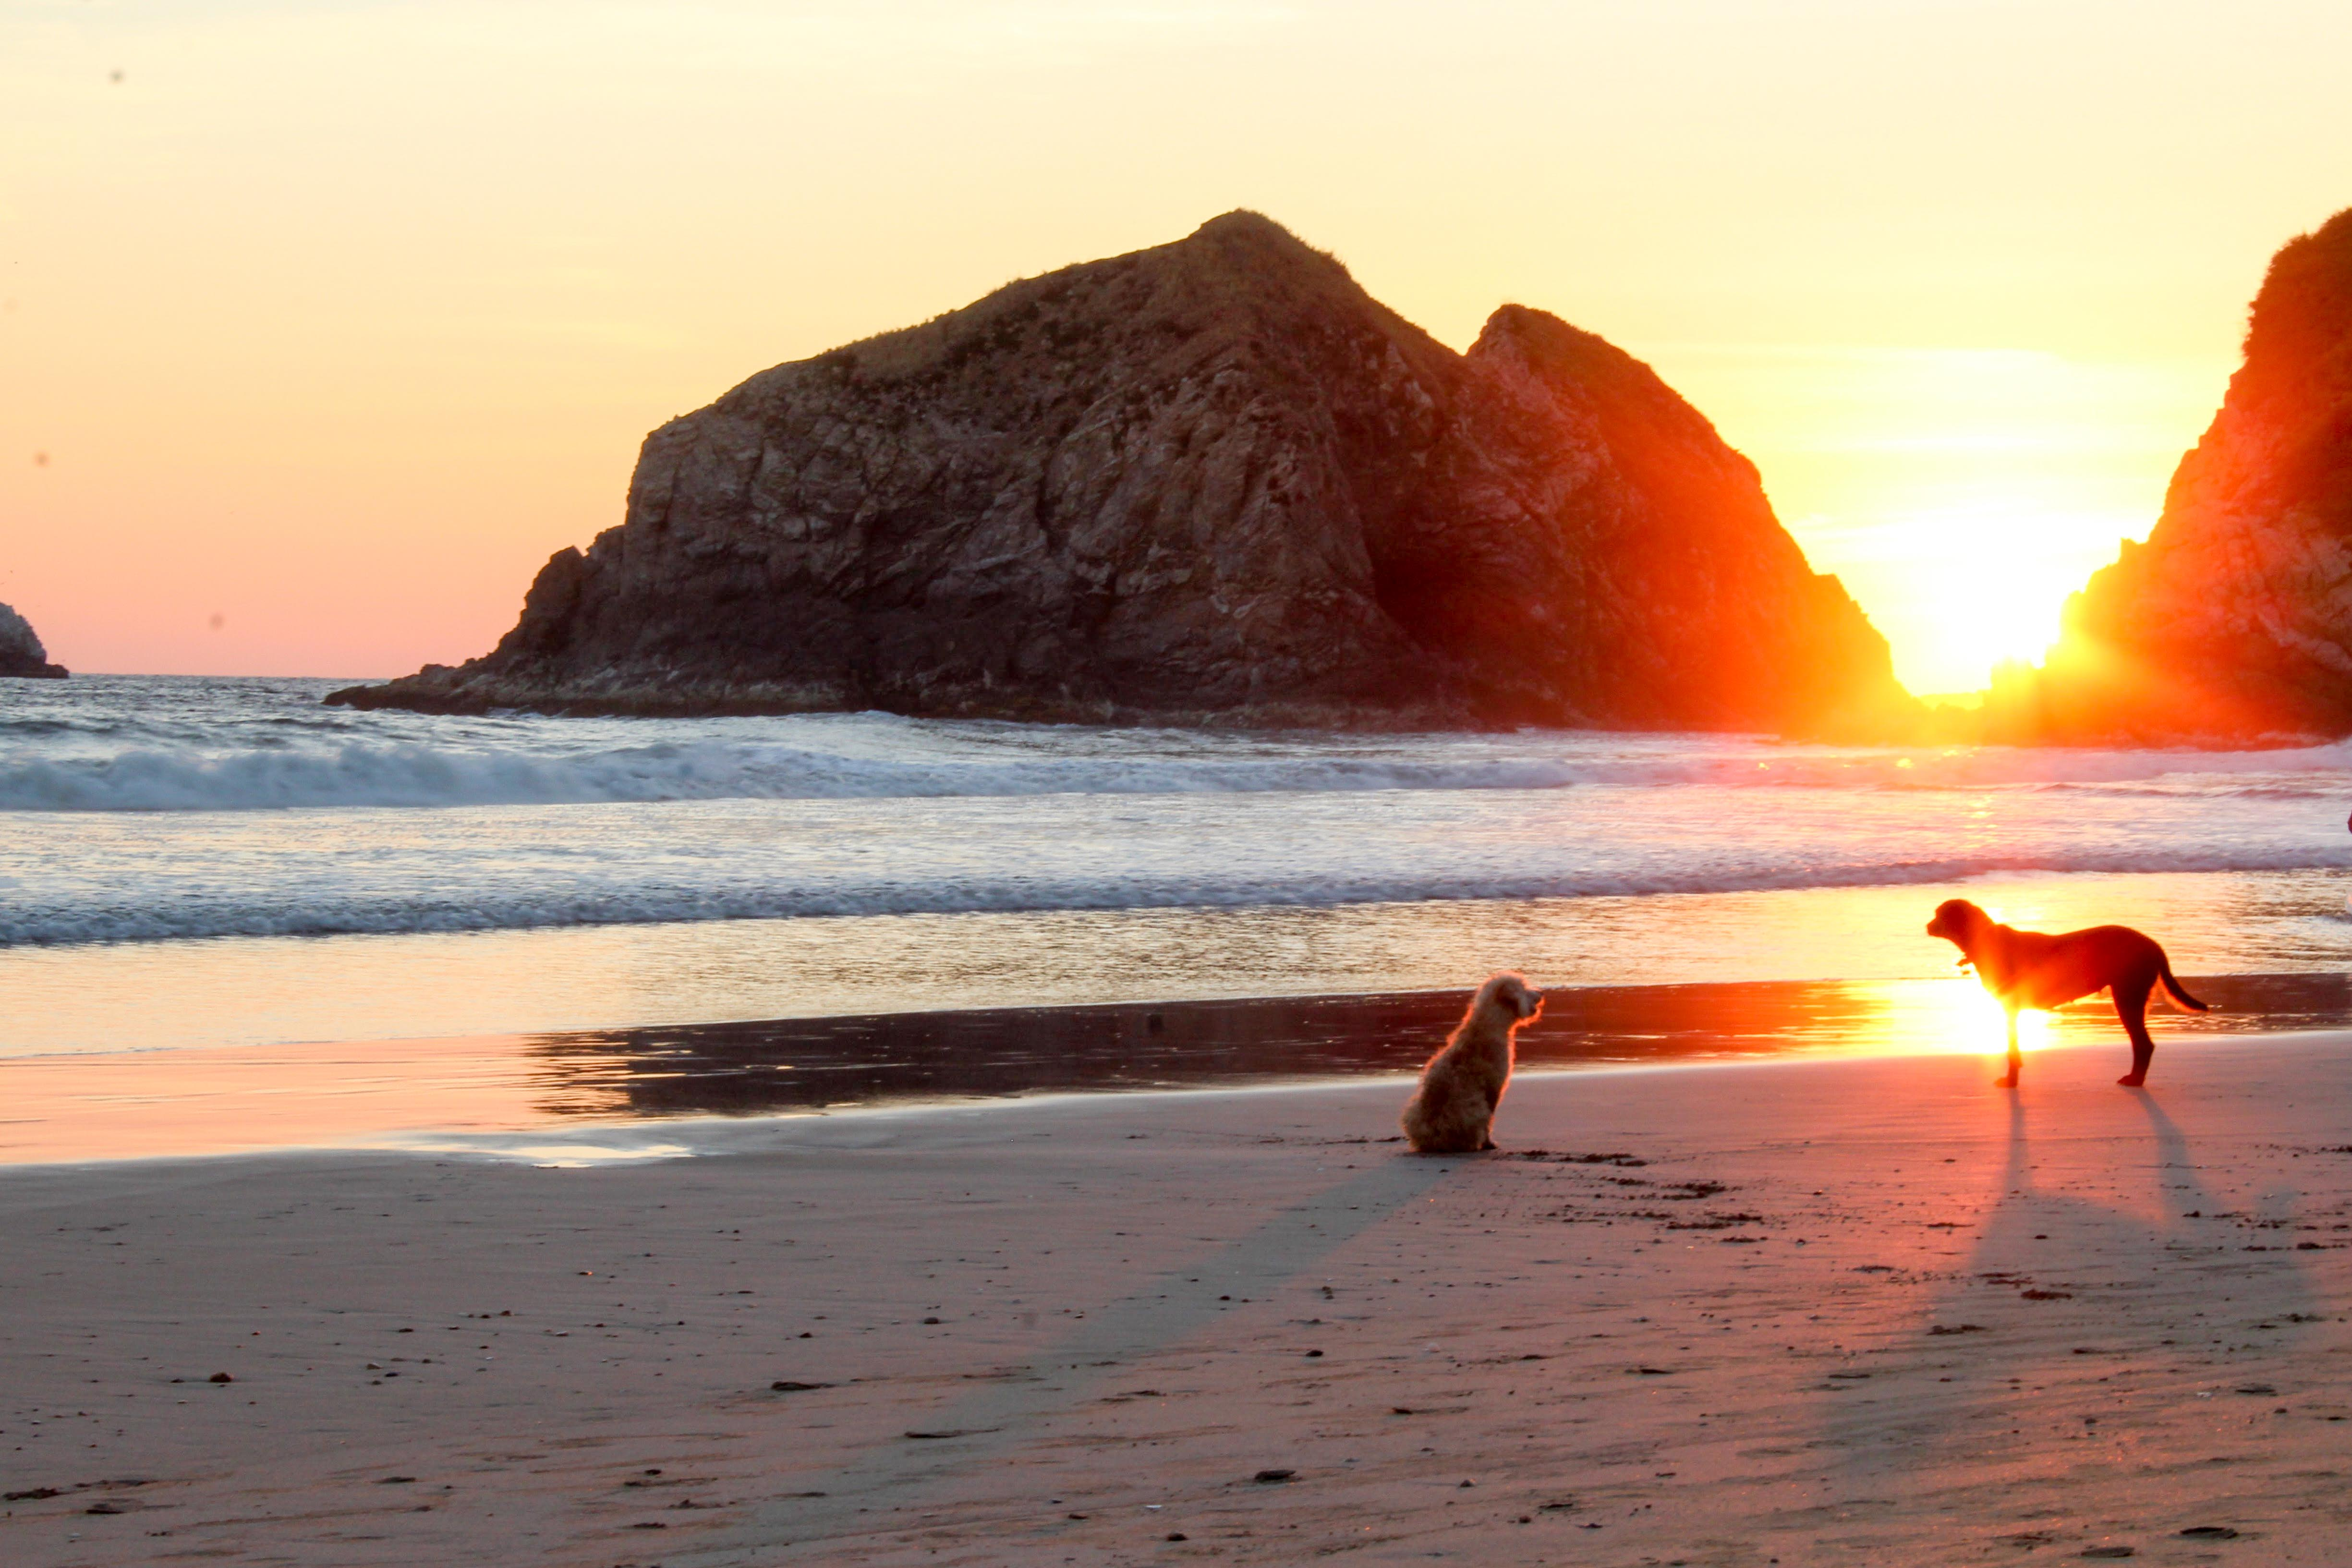 Sonnenuntergang in Zipolite, in der Nähe von Puerto Escondido.